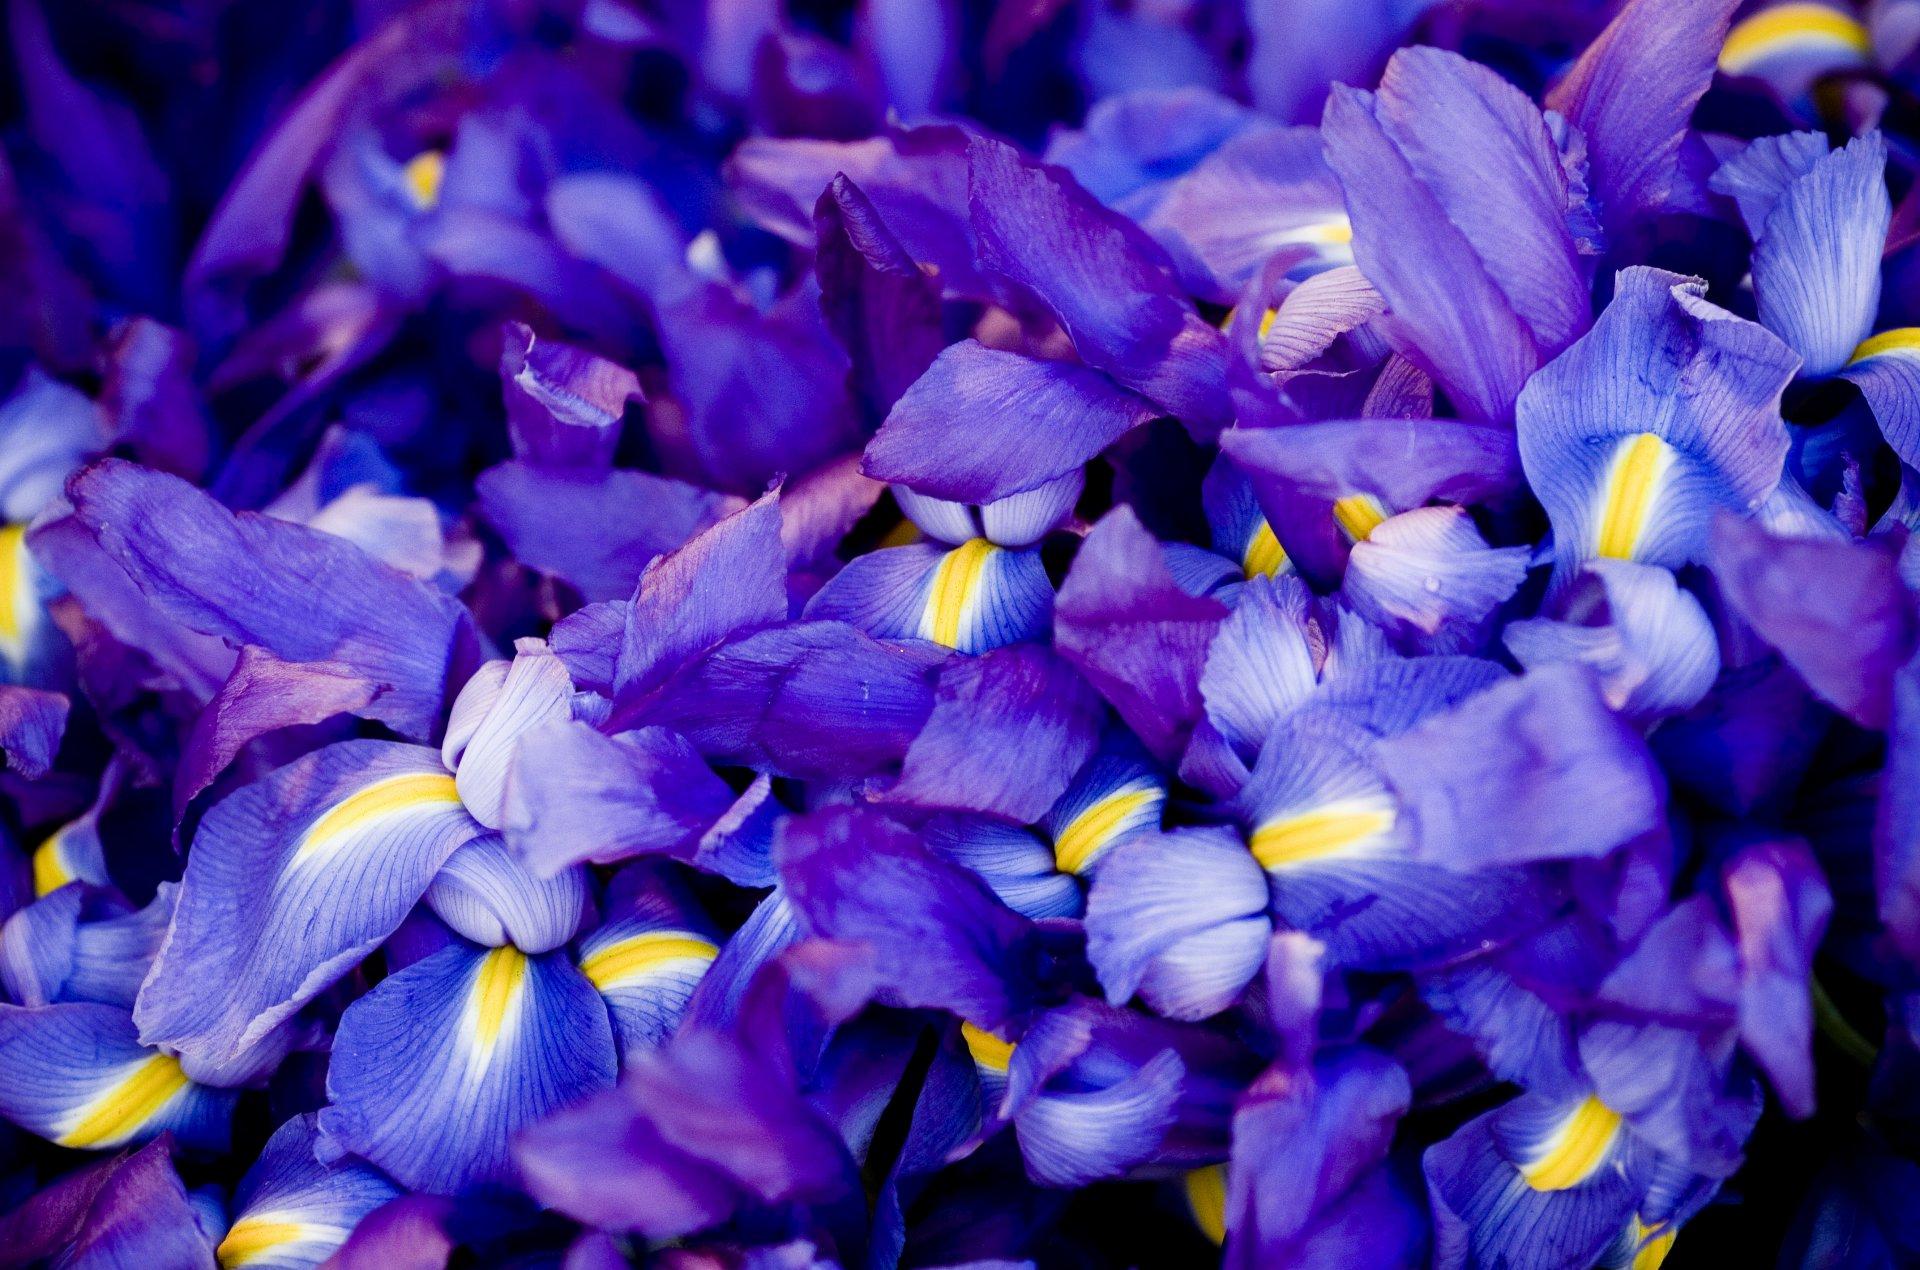 картинки синих и сиреневых цветов вариант суши роллам